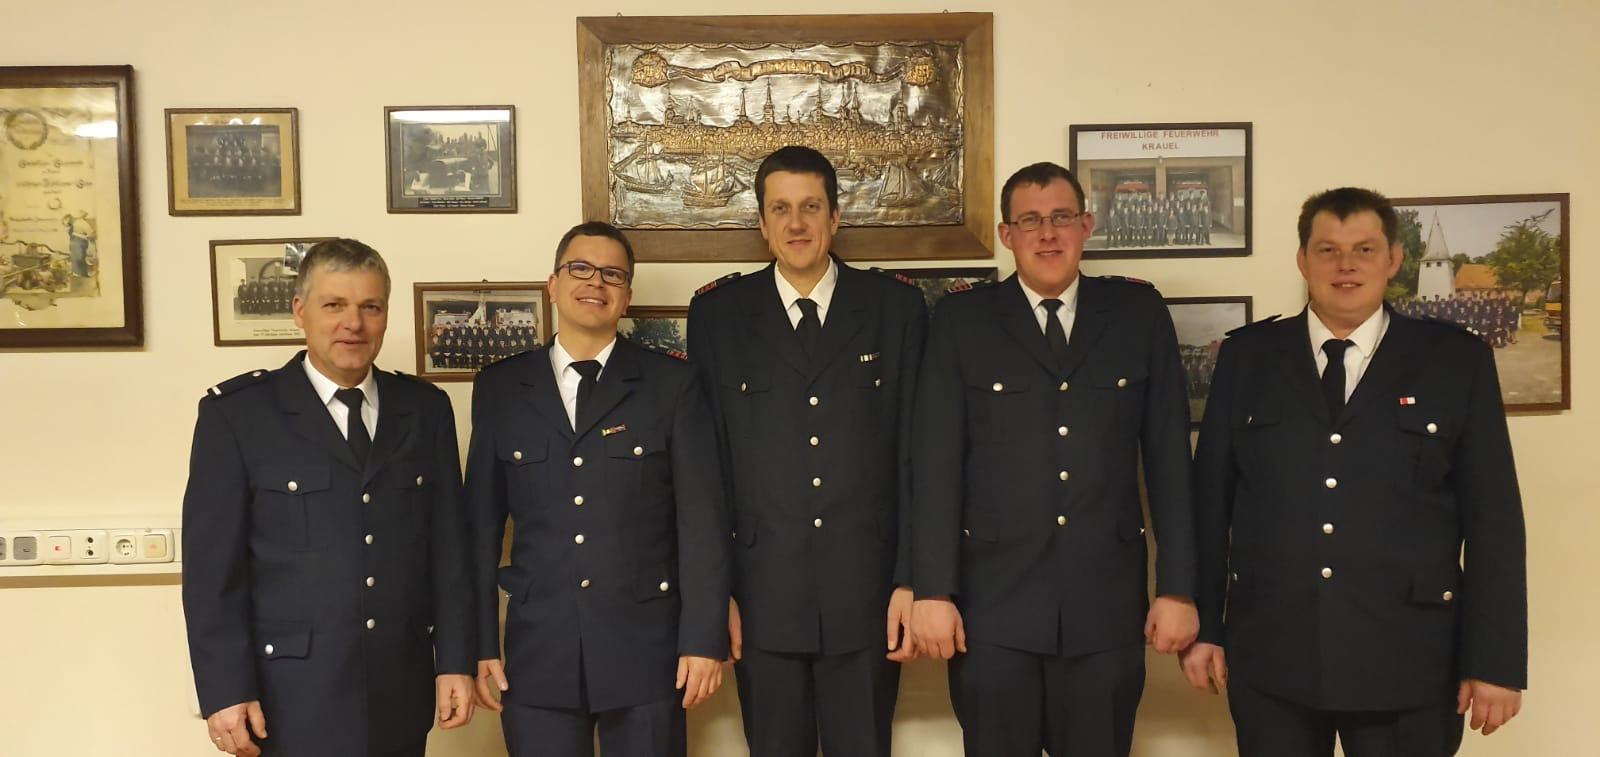 WF/V R. Hevers, HBM C.Mohn, HBM N.Otte, HBM M.-S. Pahl, WF T. Putfarcken